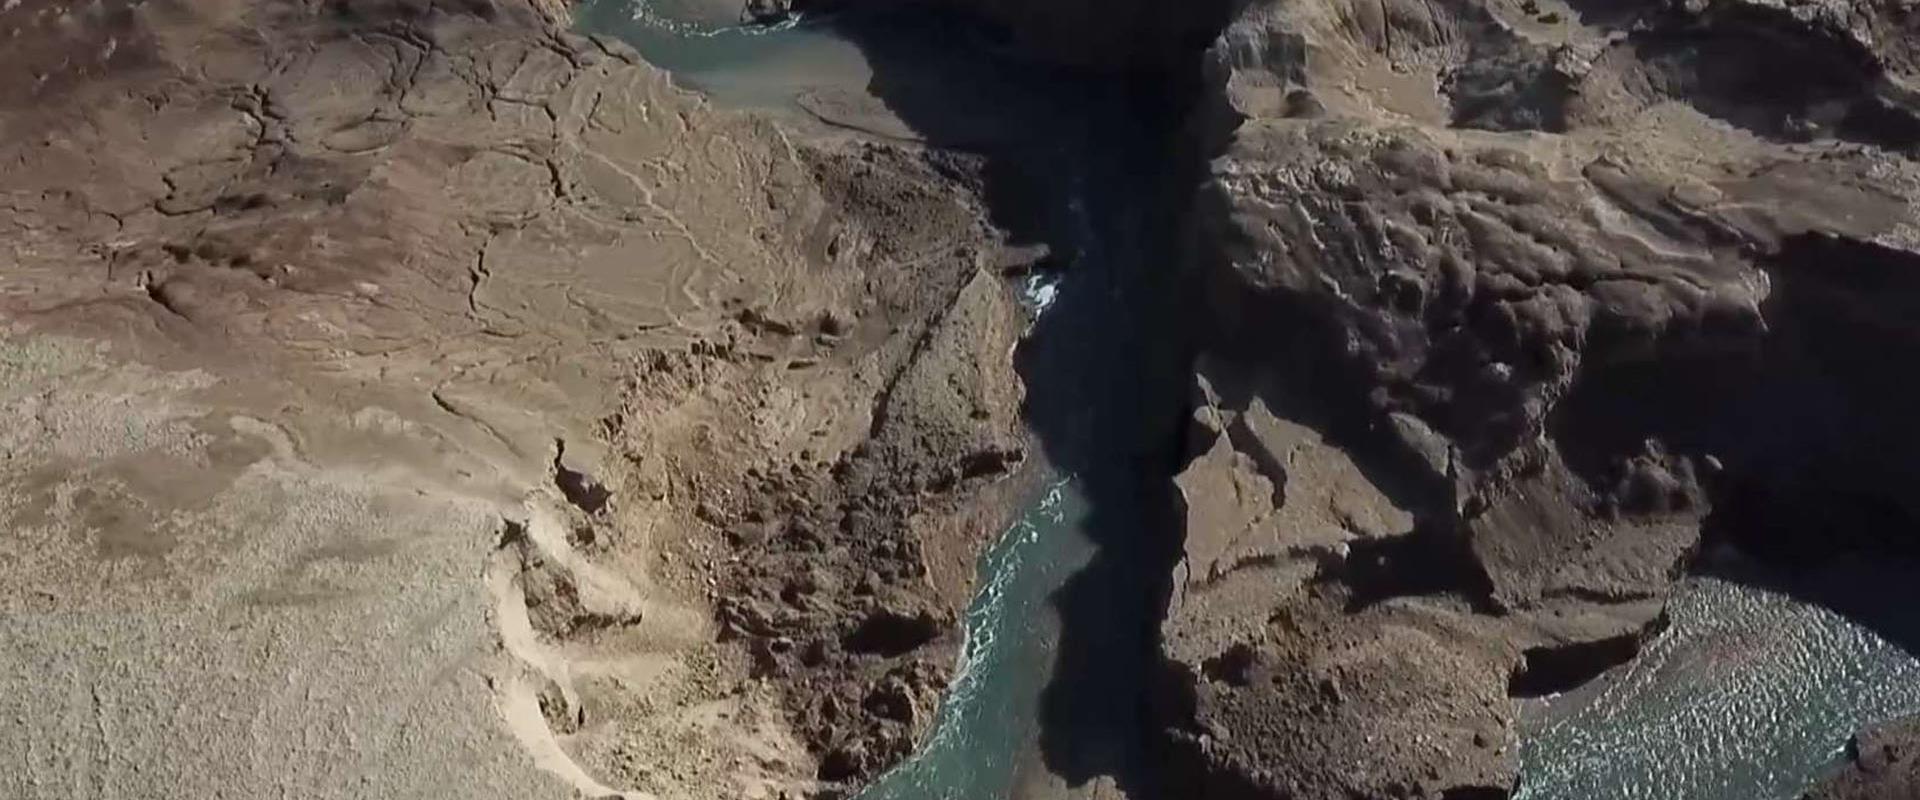 הנהר הסודי